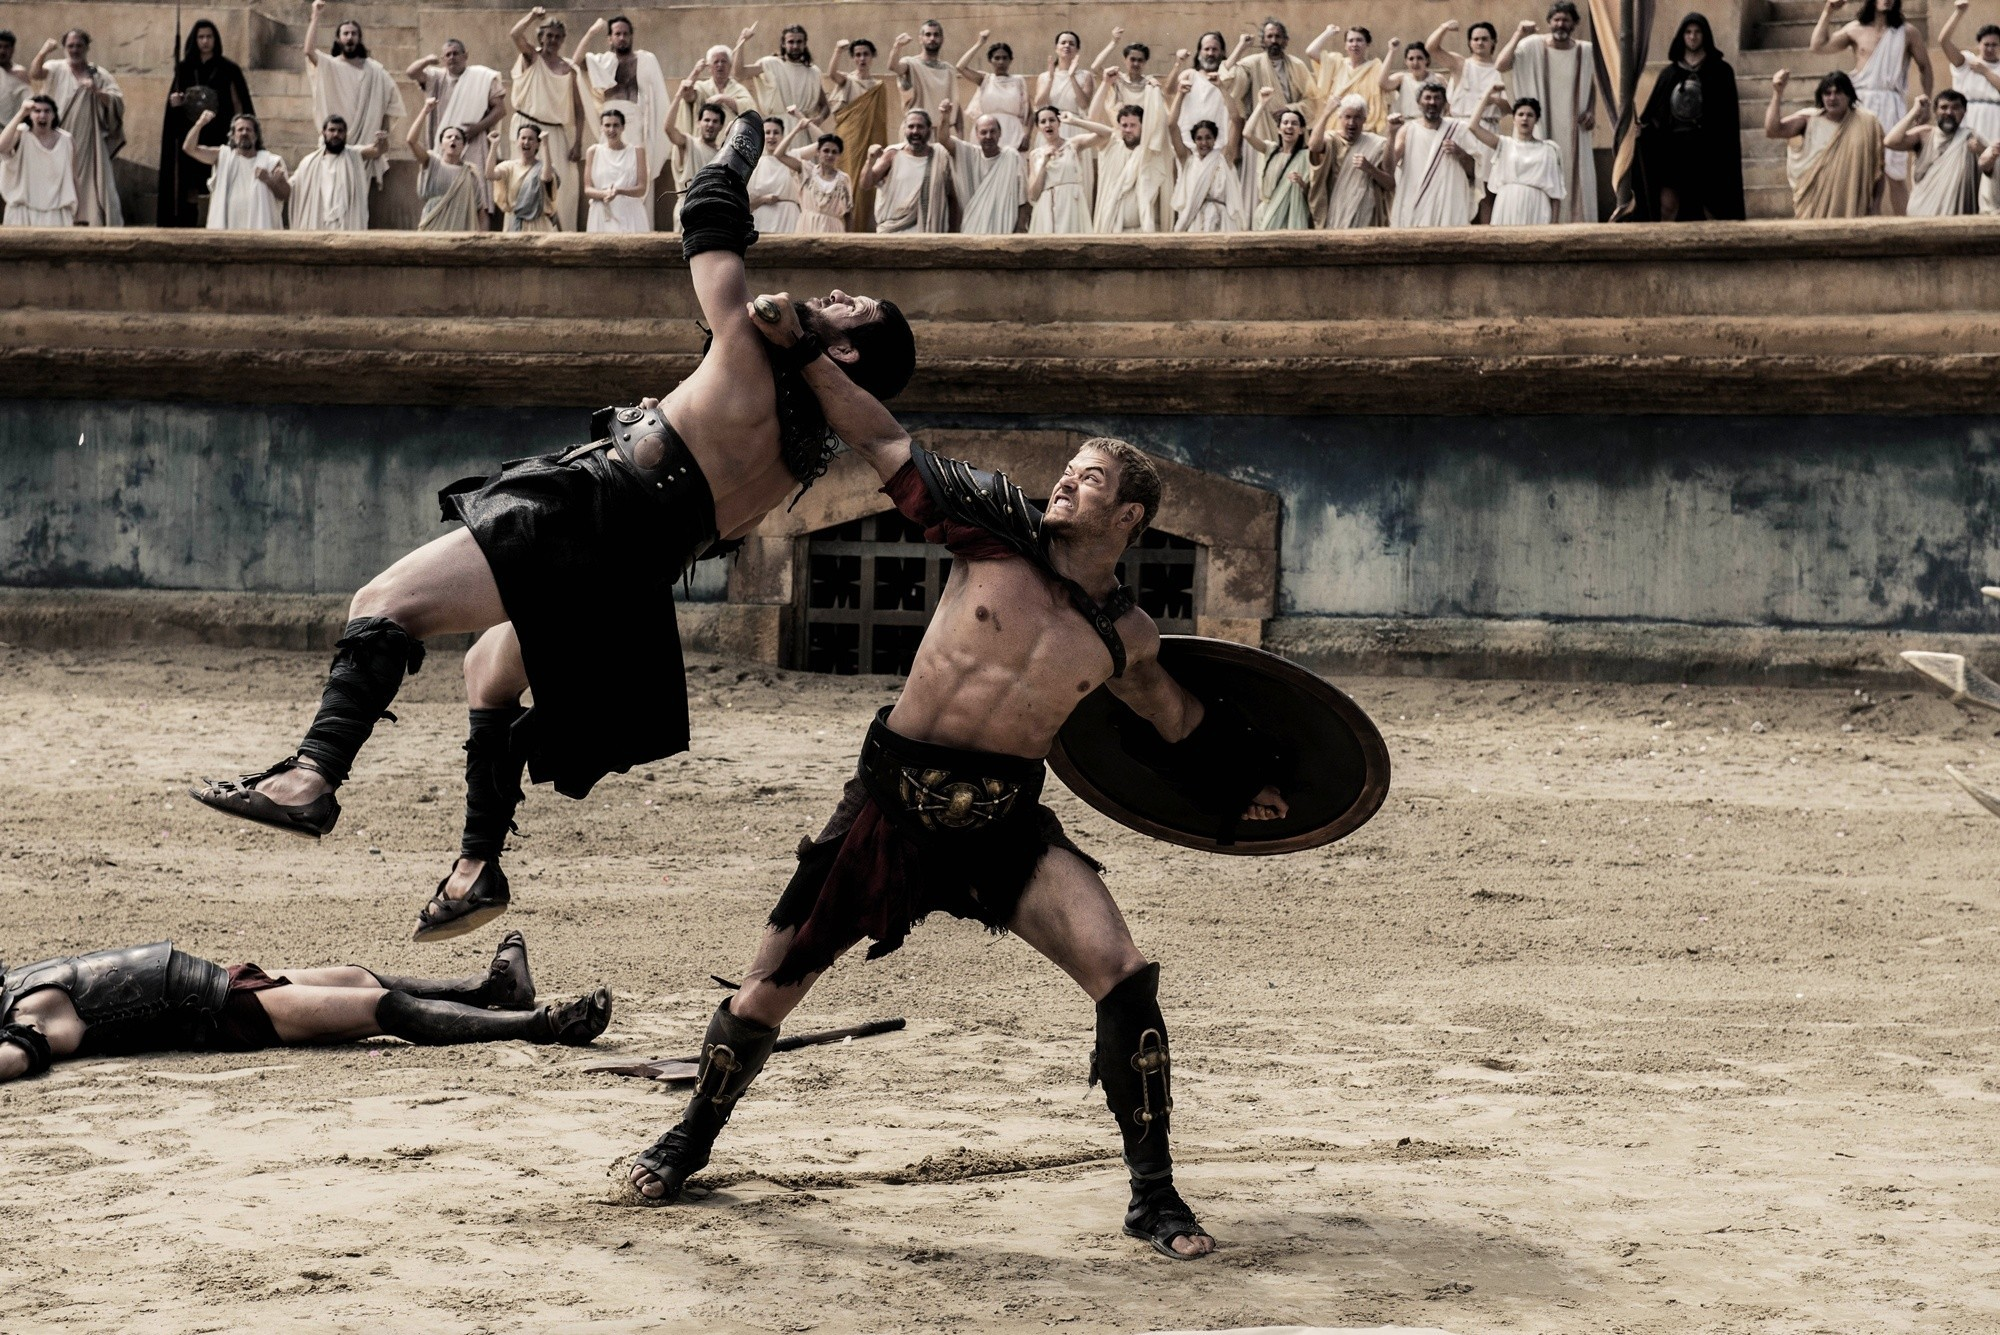 hercules-gladiator